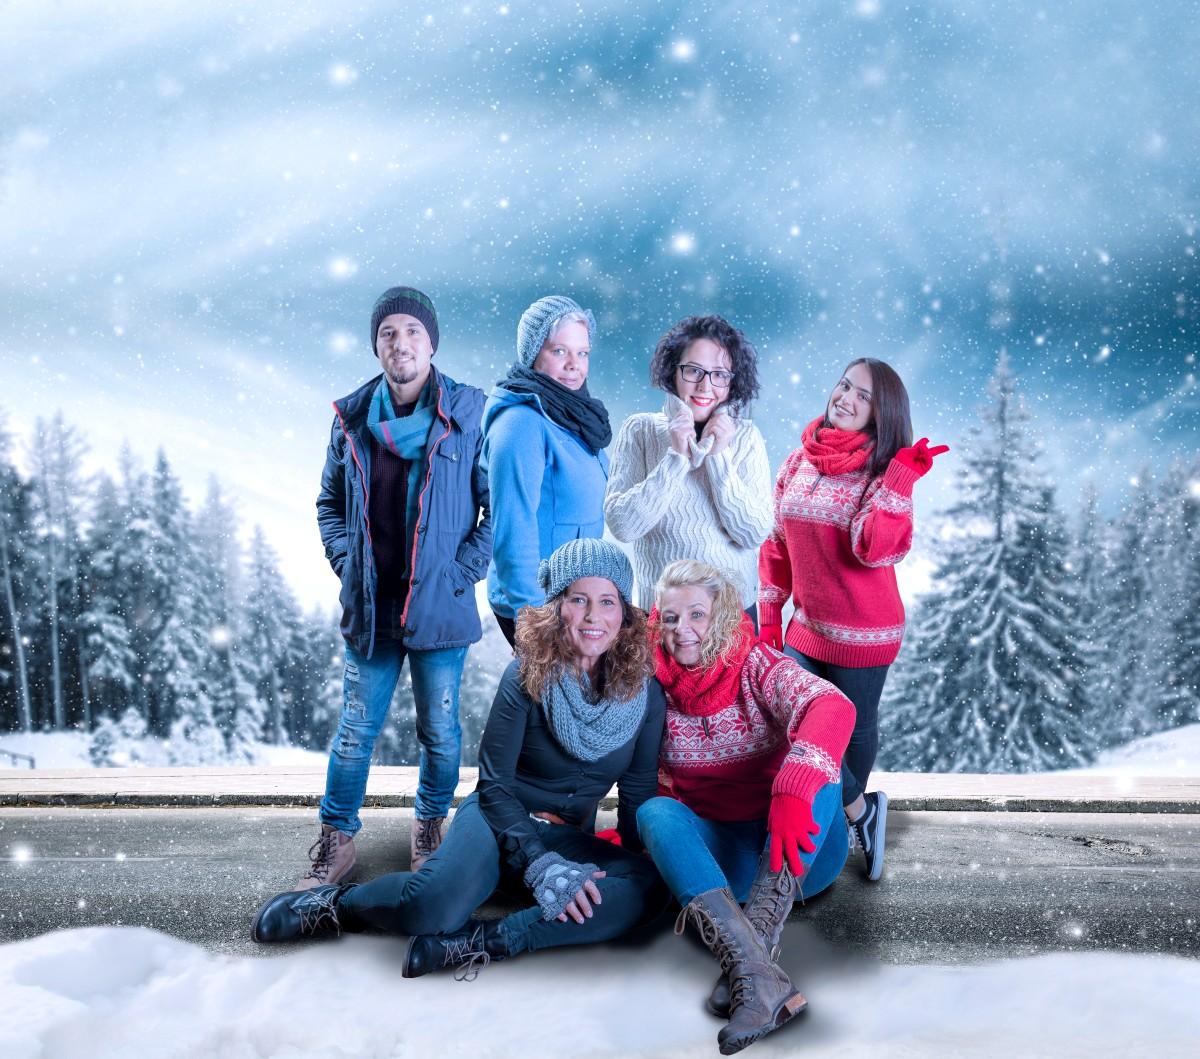 Hendrich - Design & Fotografie Duisburg - Haar2O Weihnachtscomposing Spezial